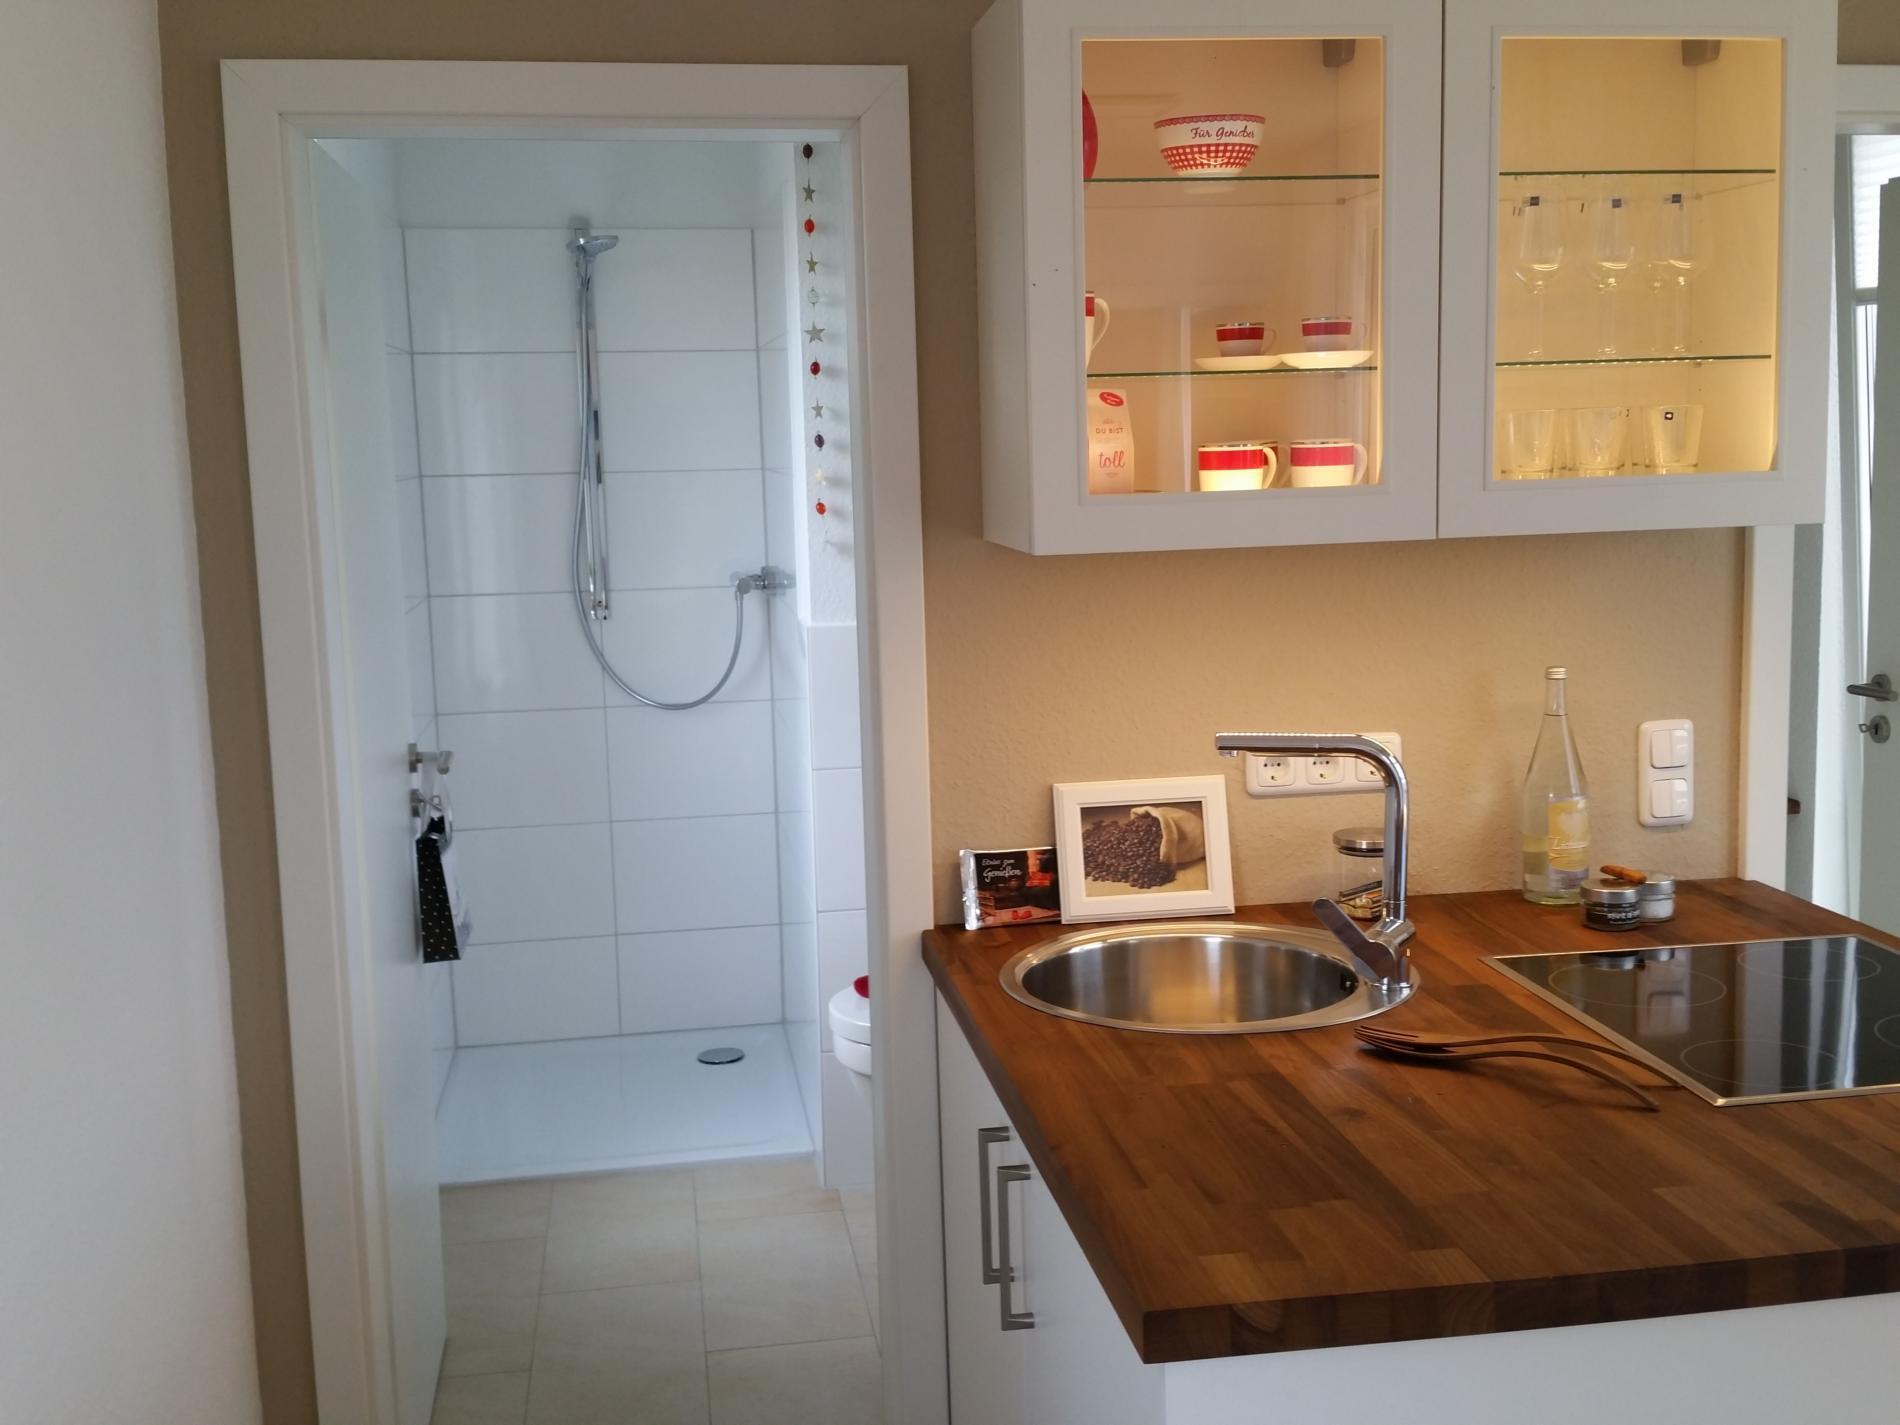 kleines modulhaus interior design und m bel ideen. Black Bedroom Furniture Sets. Home Design Ideas